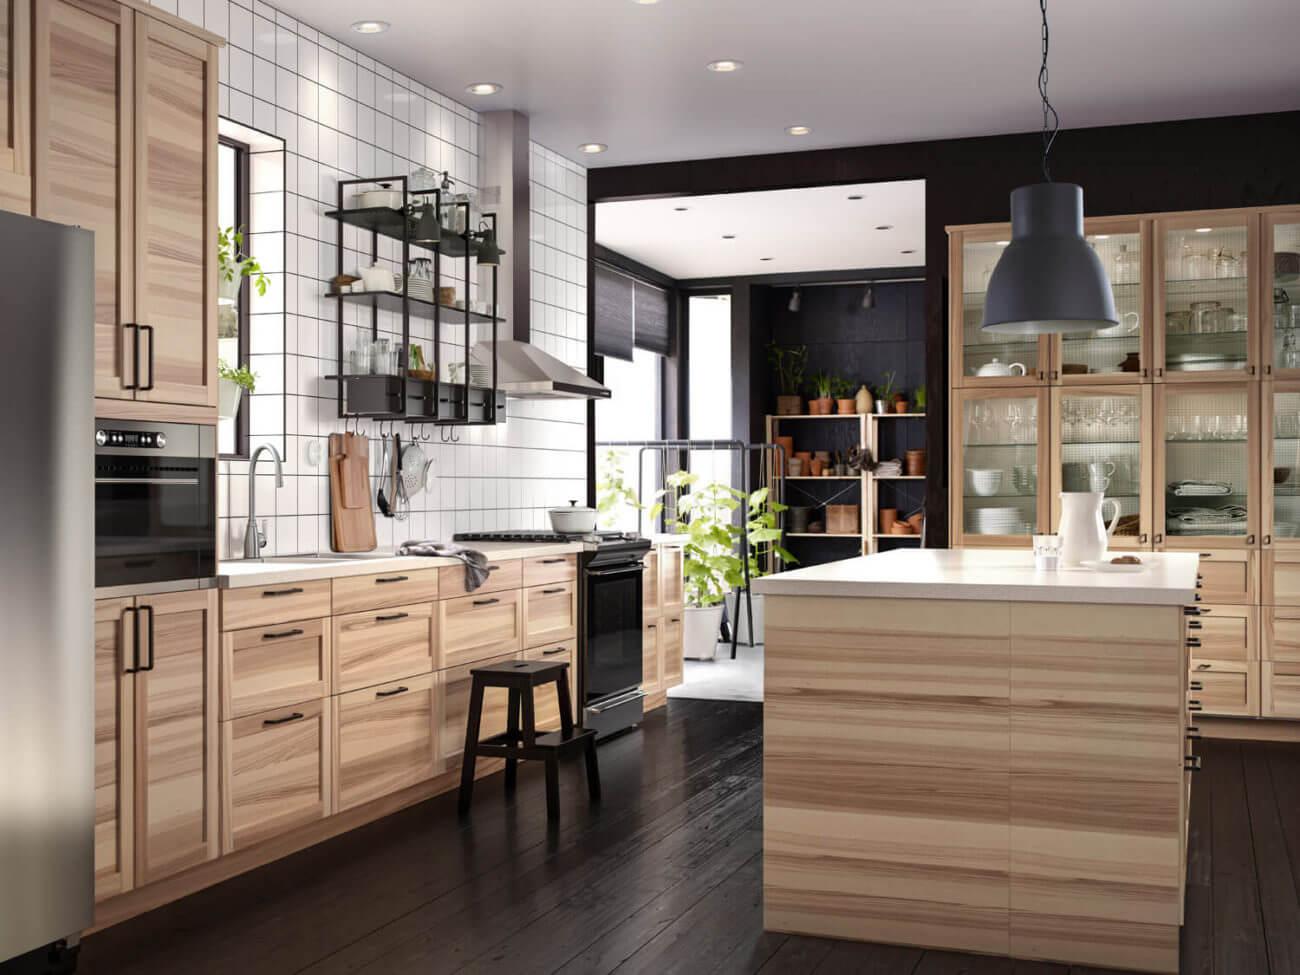 Küche Beton Holzoptik | Naturgewalten Holz Und Stein ...